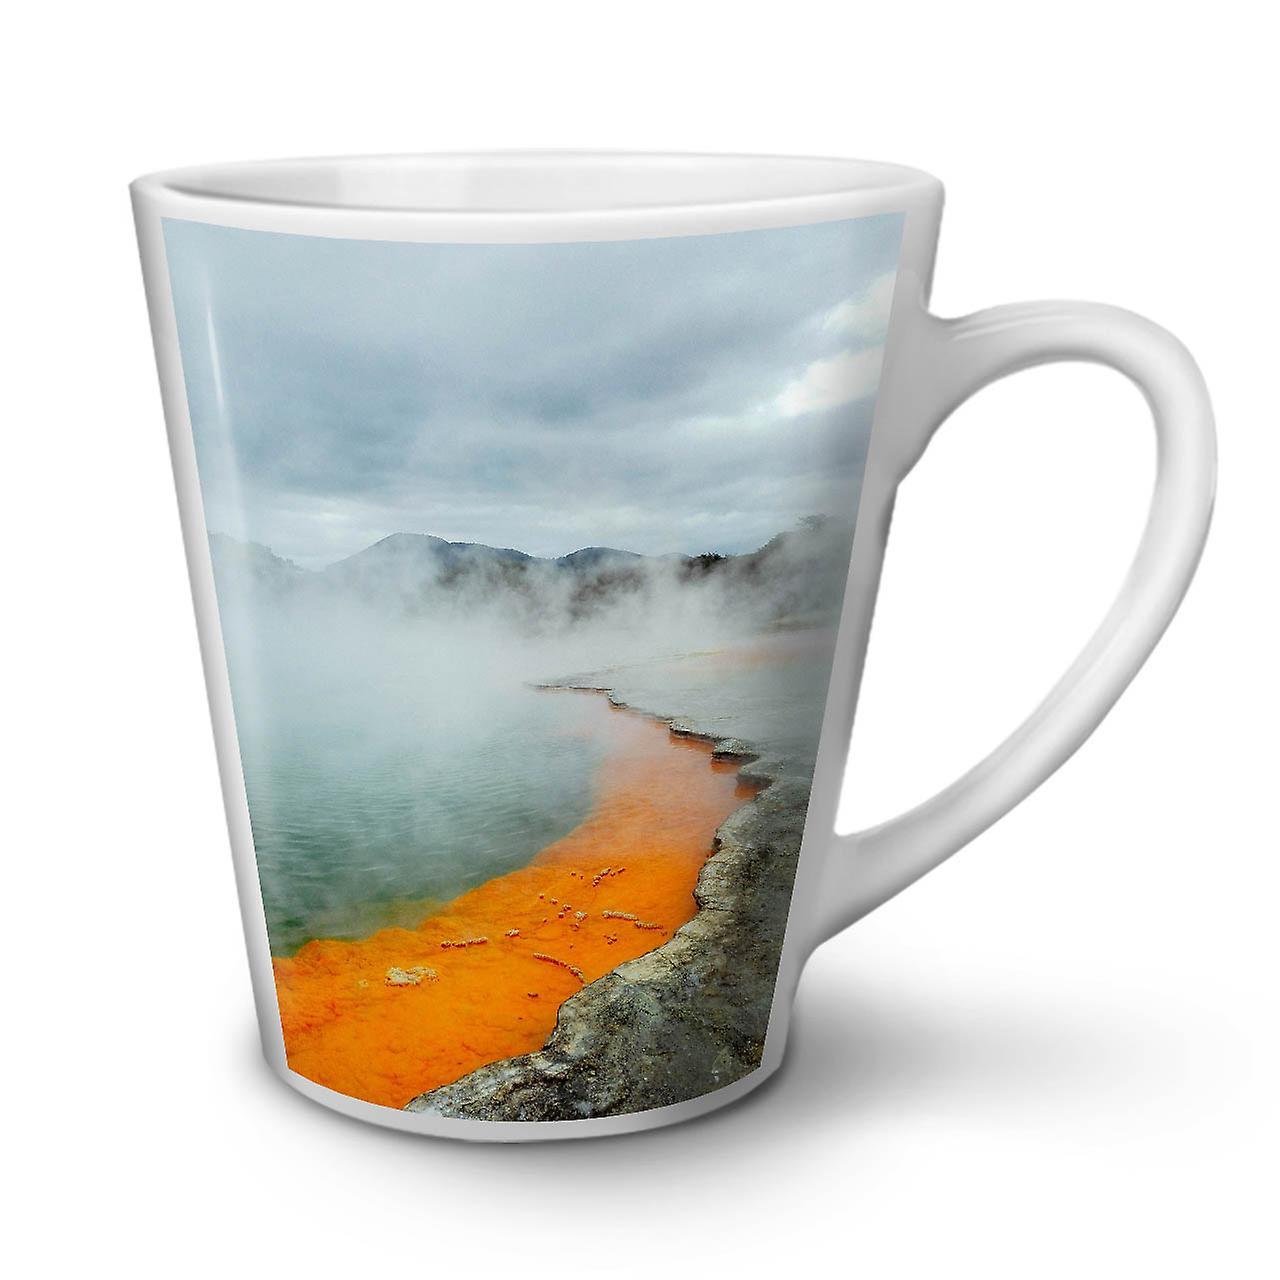 12 Lave Volcan Mug Blanc Sauvages Latte Céramique Nouveau Thé Café OzWellcoda En dxrBoCWe